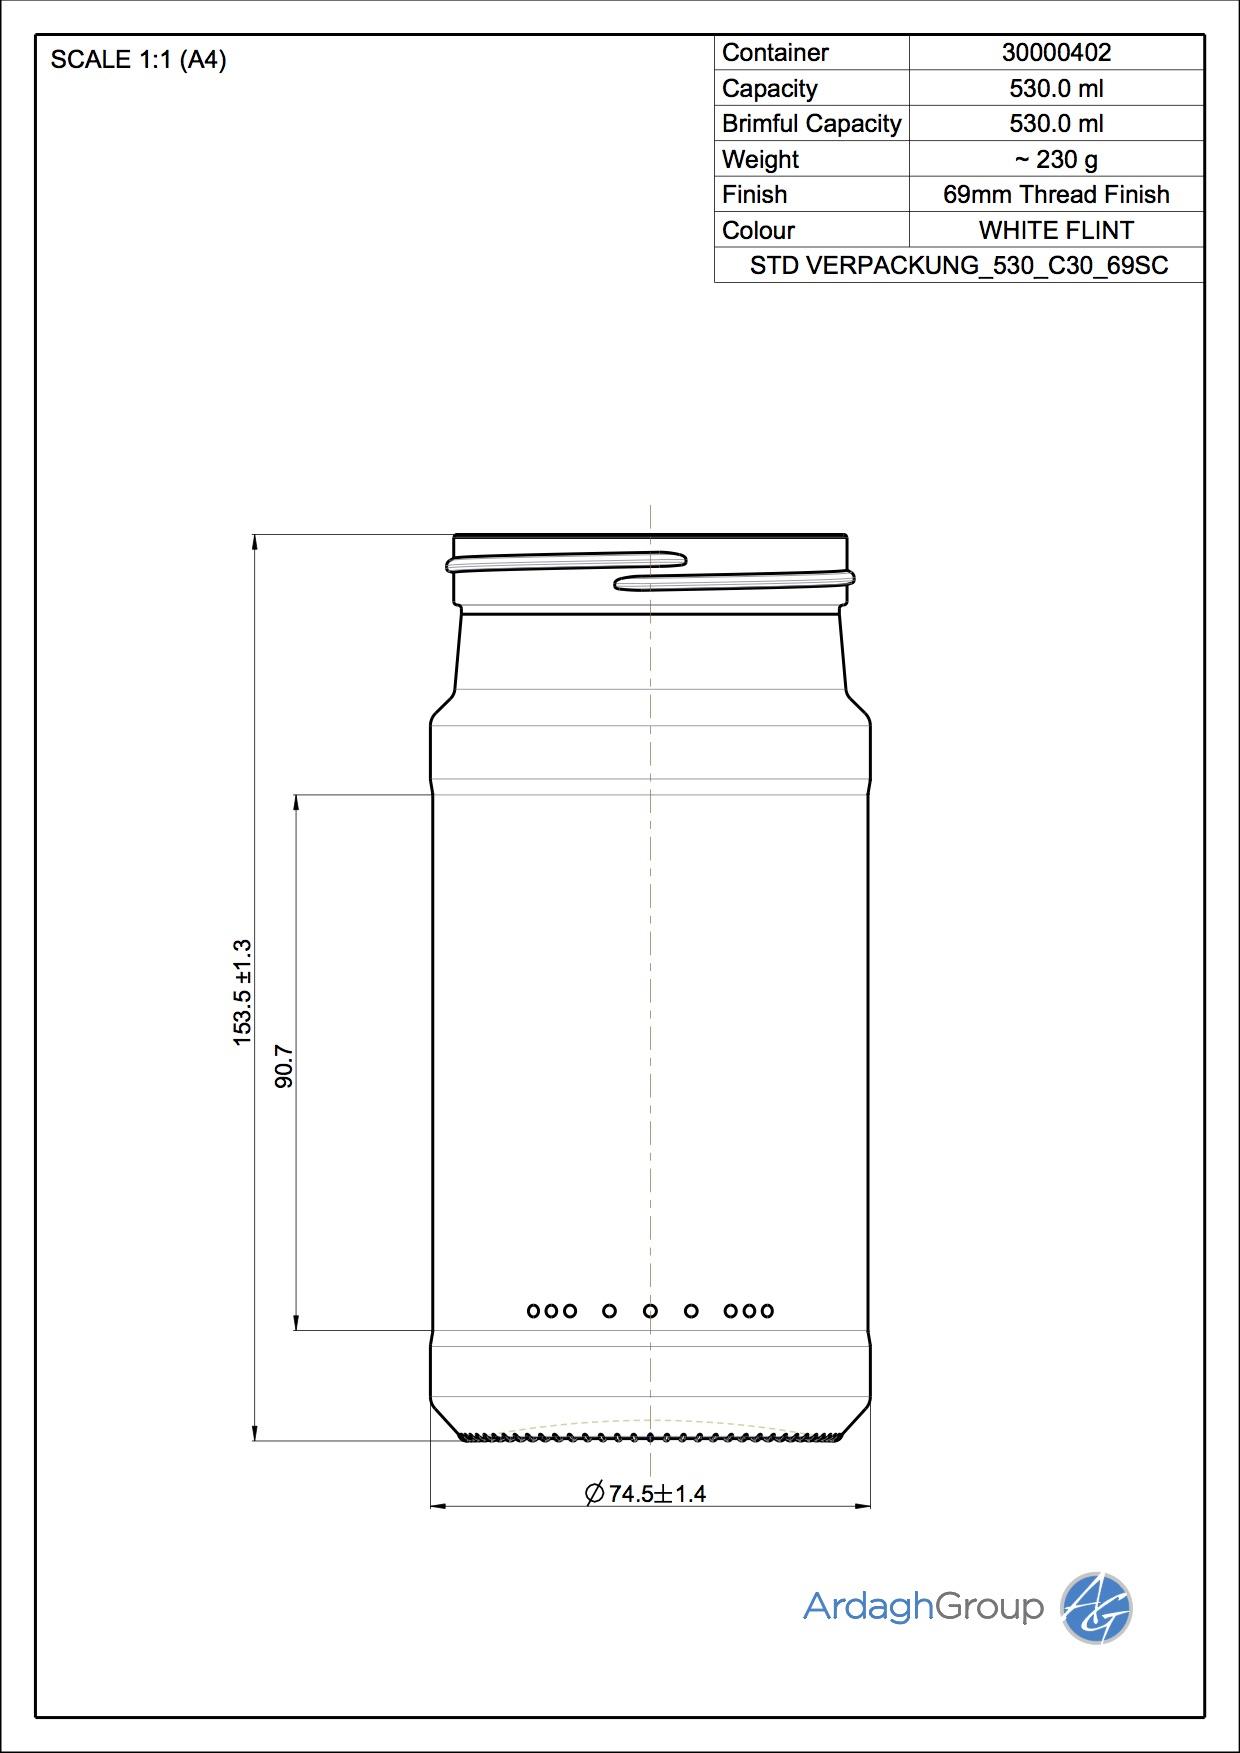 Verpackungsglas 530 C30 69SC